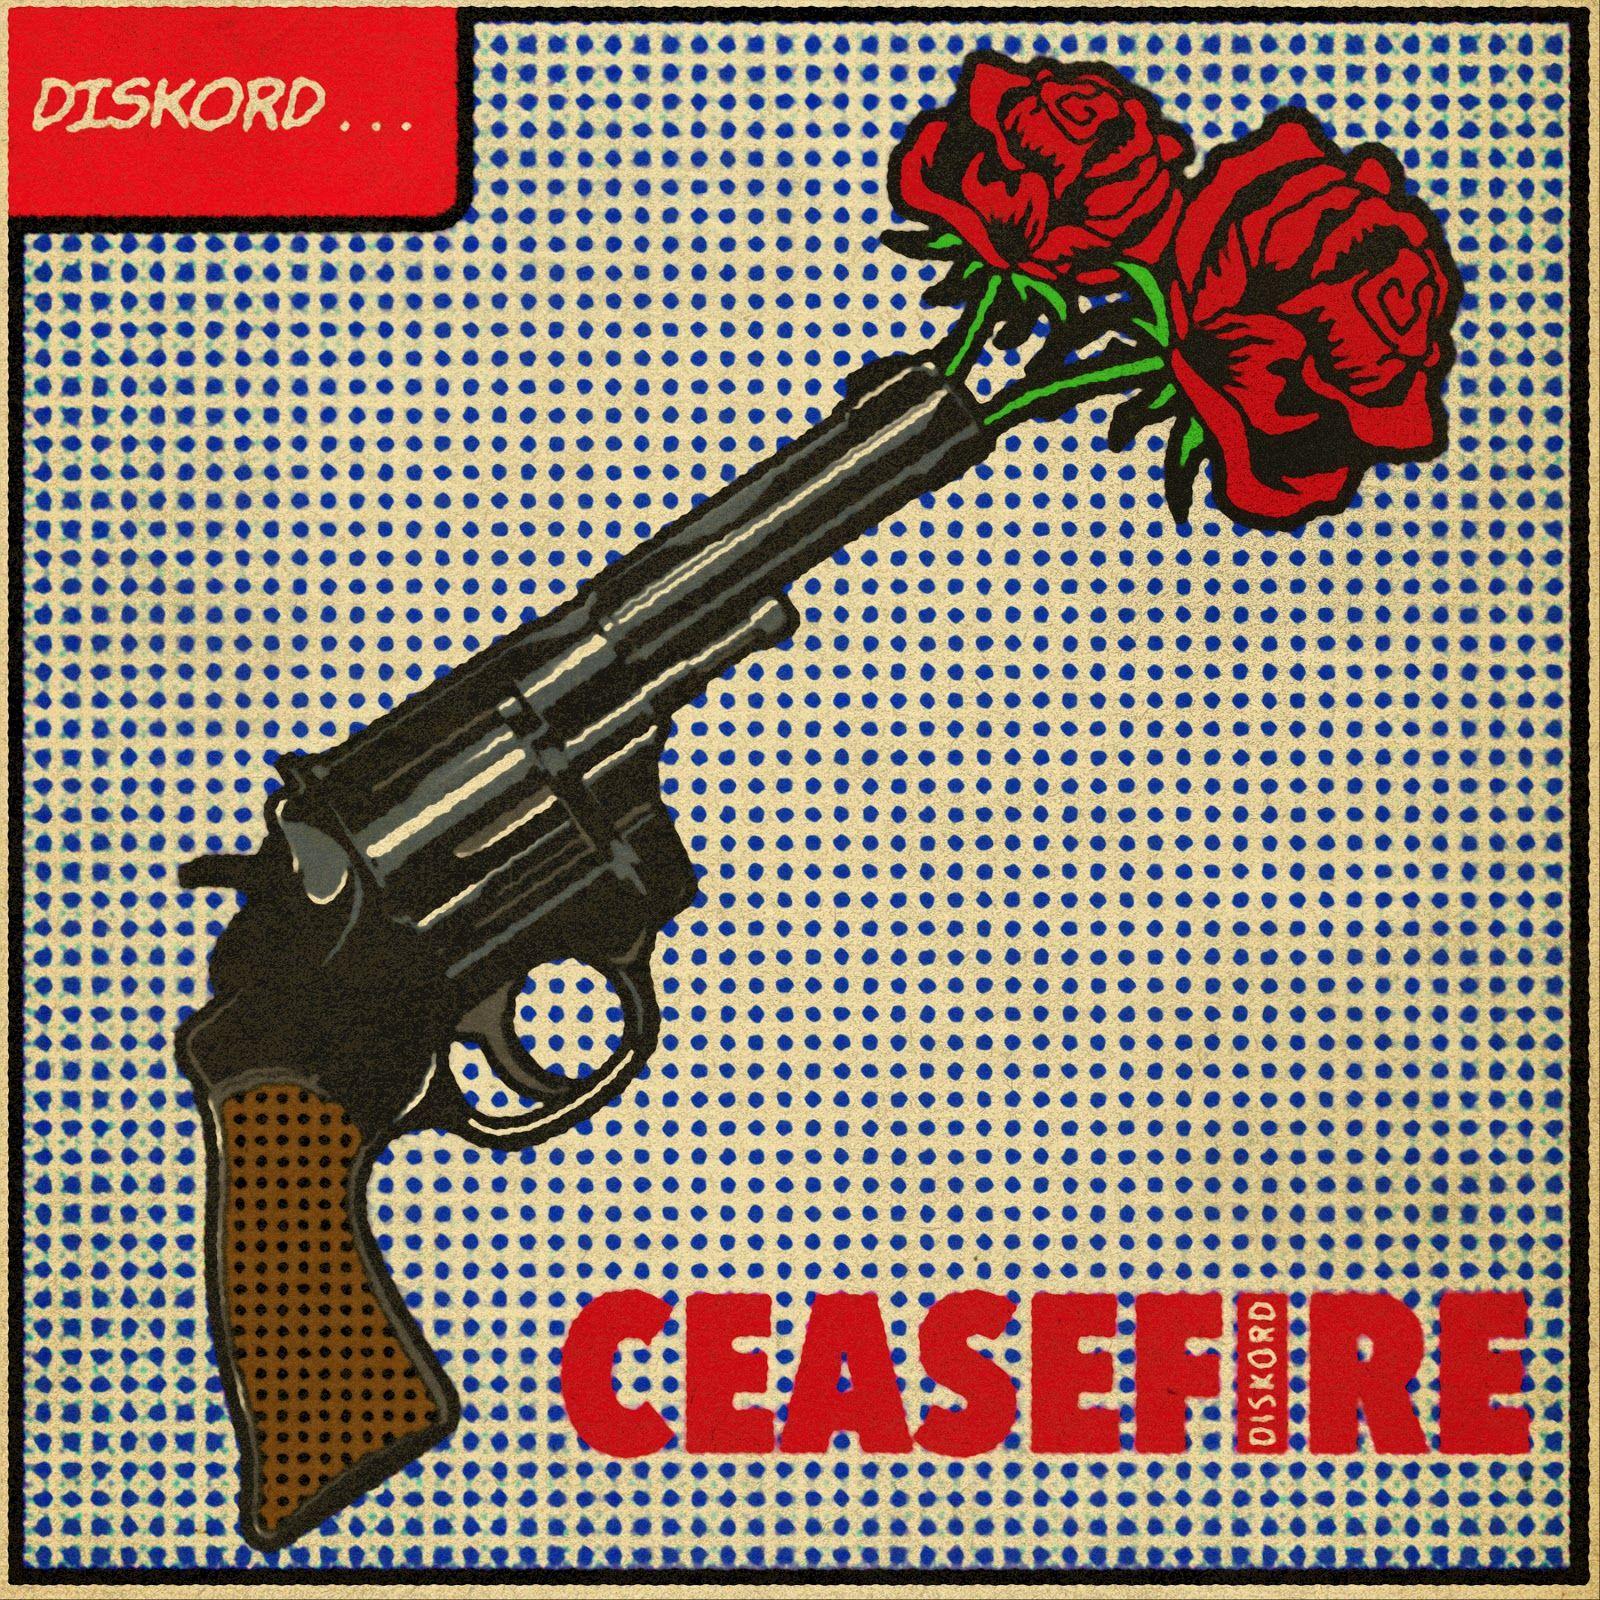 diskord-_ceasefire-final.jpg